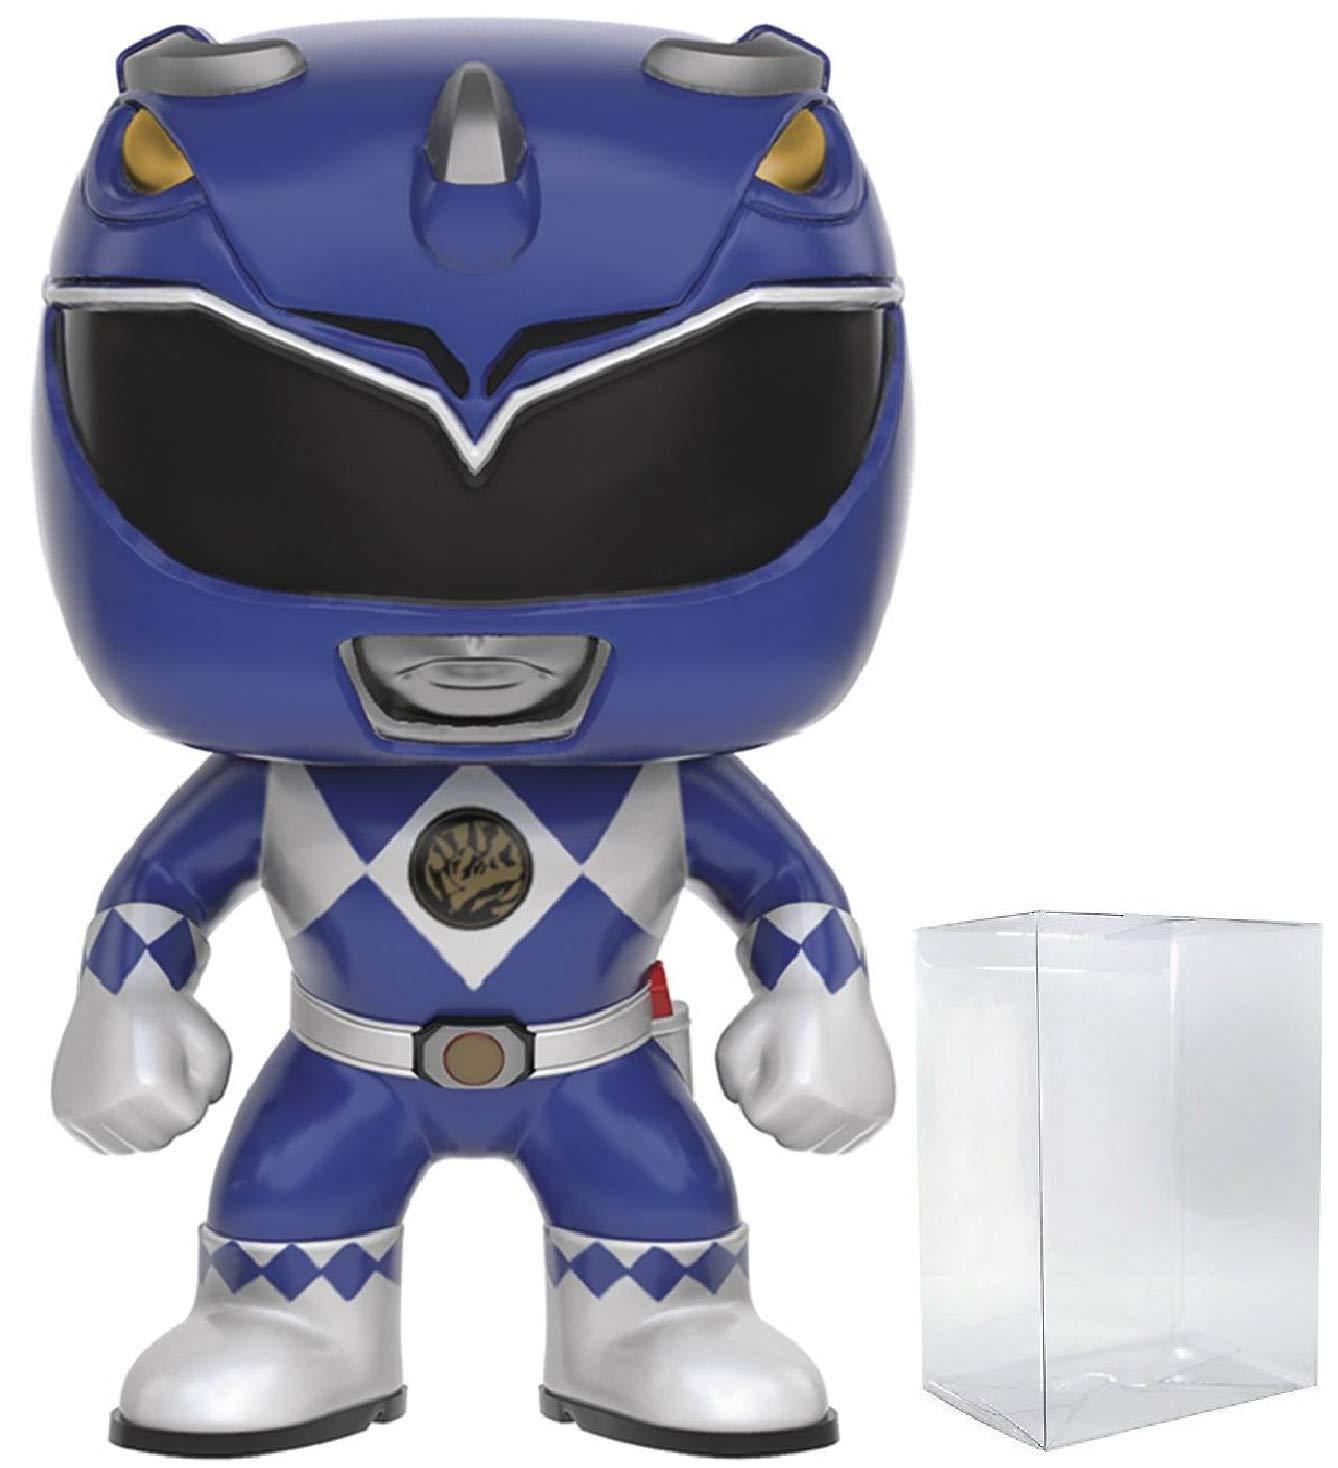 """Mighty Morphin Power Rangers-Blue ranger 3.75/"""" FIGURA IN VINILE POP TV FUNKO"""